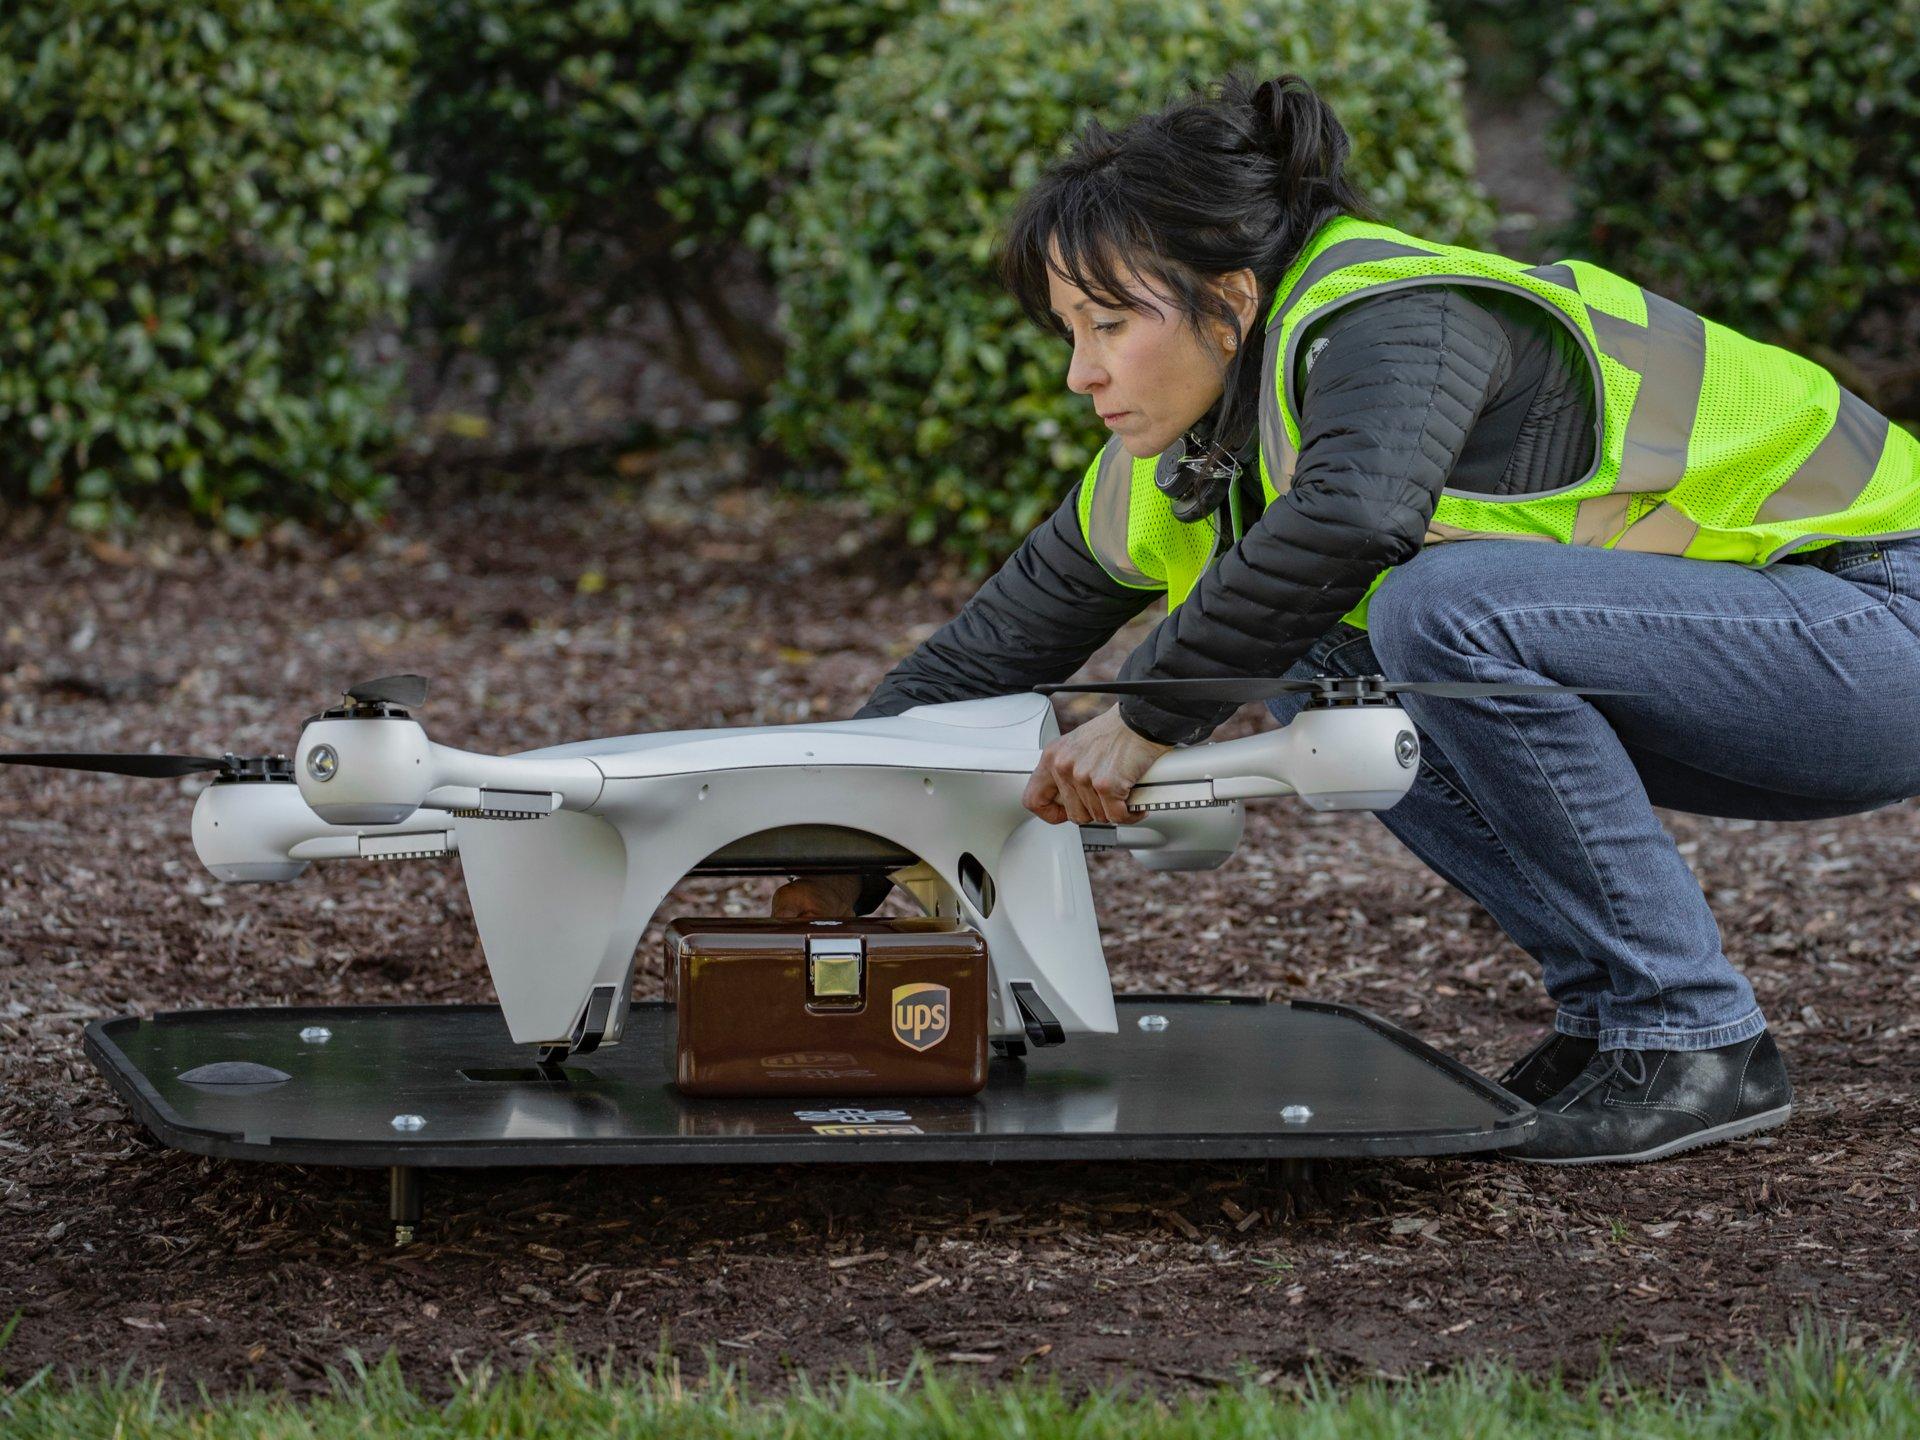 UPS spustila prepravu laboratórnych vzoriek prostredníctvom dronov